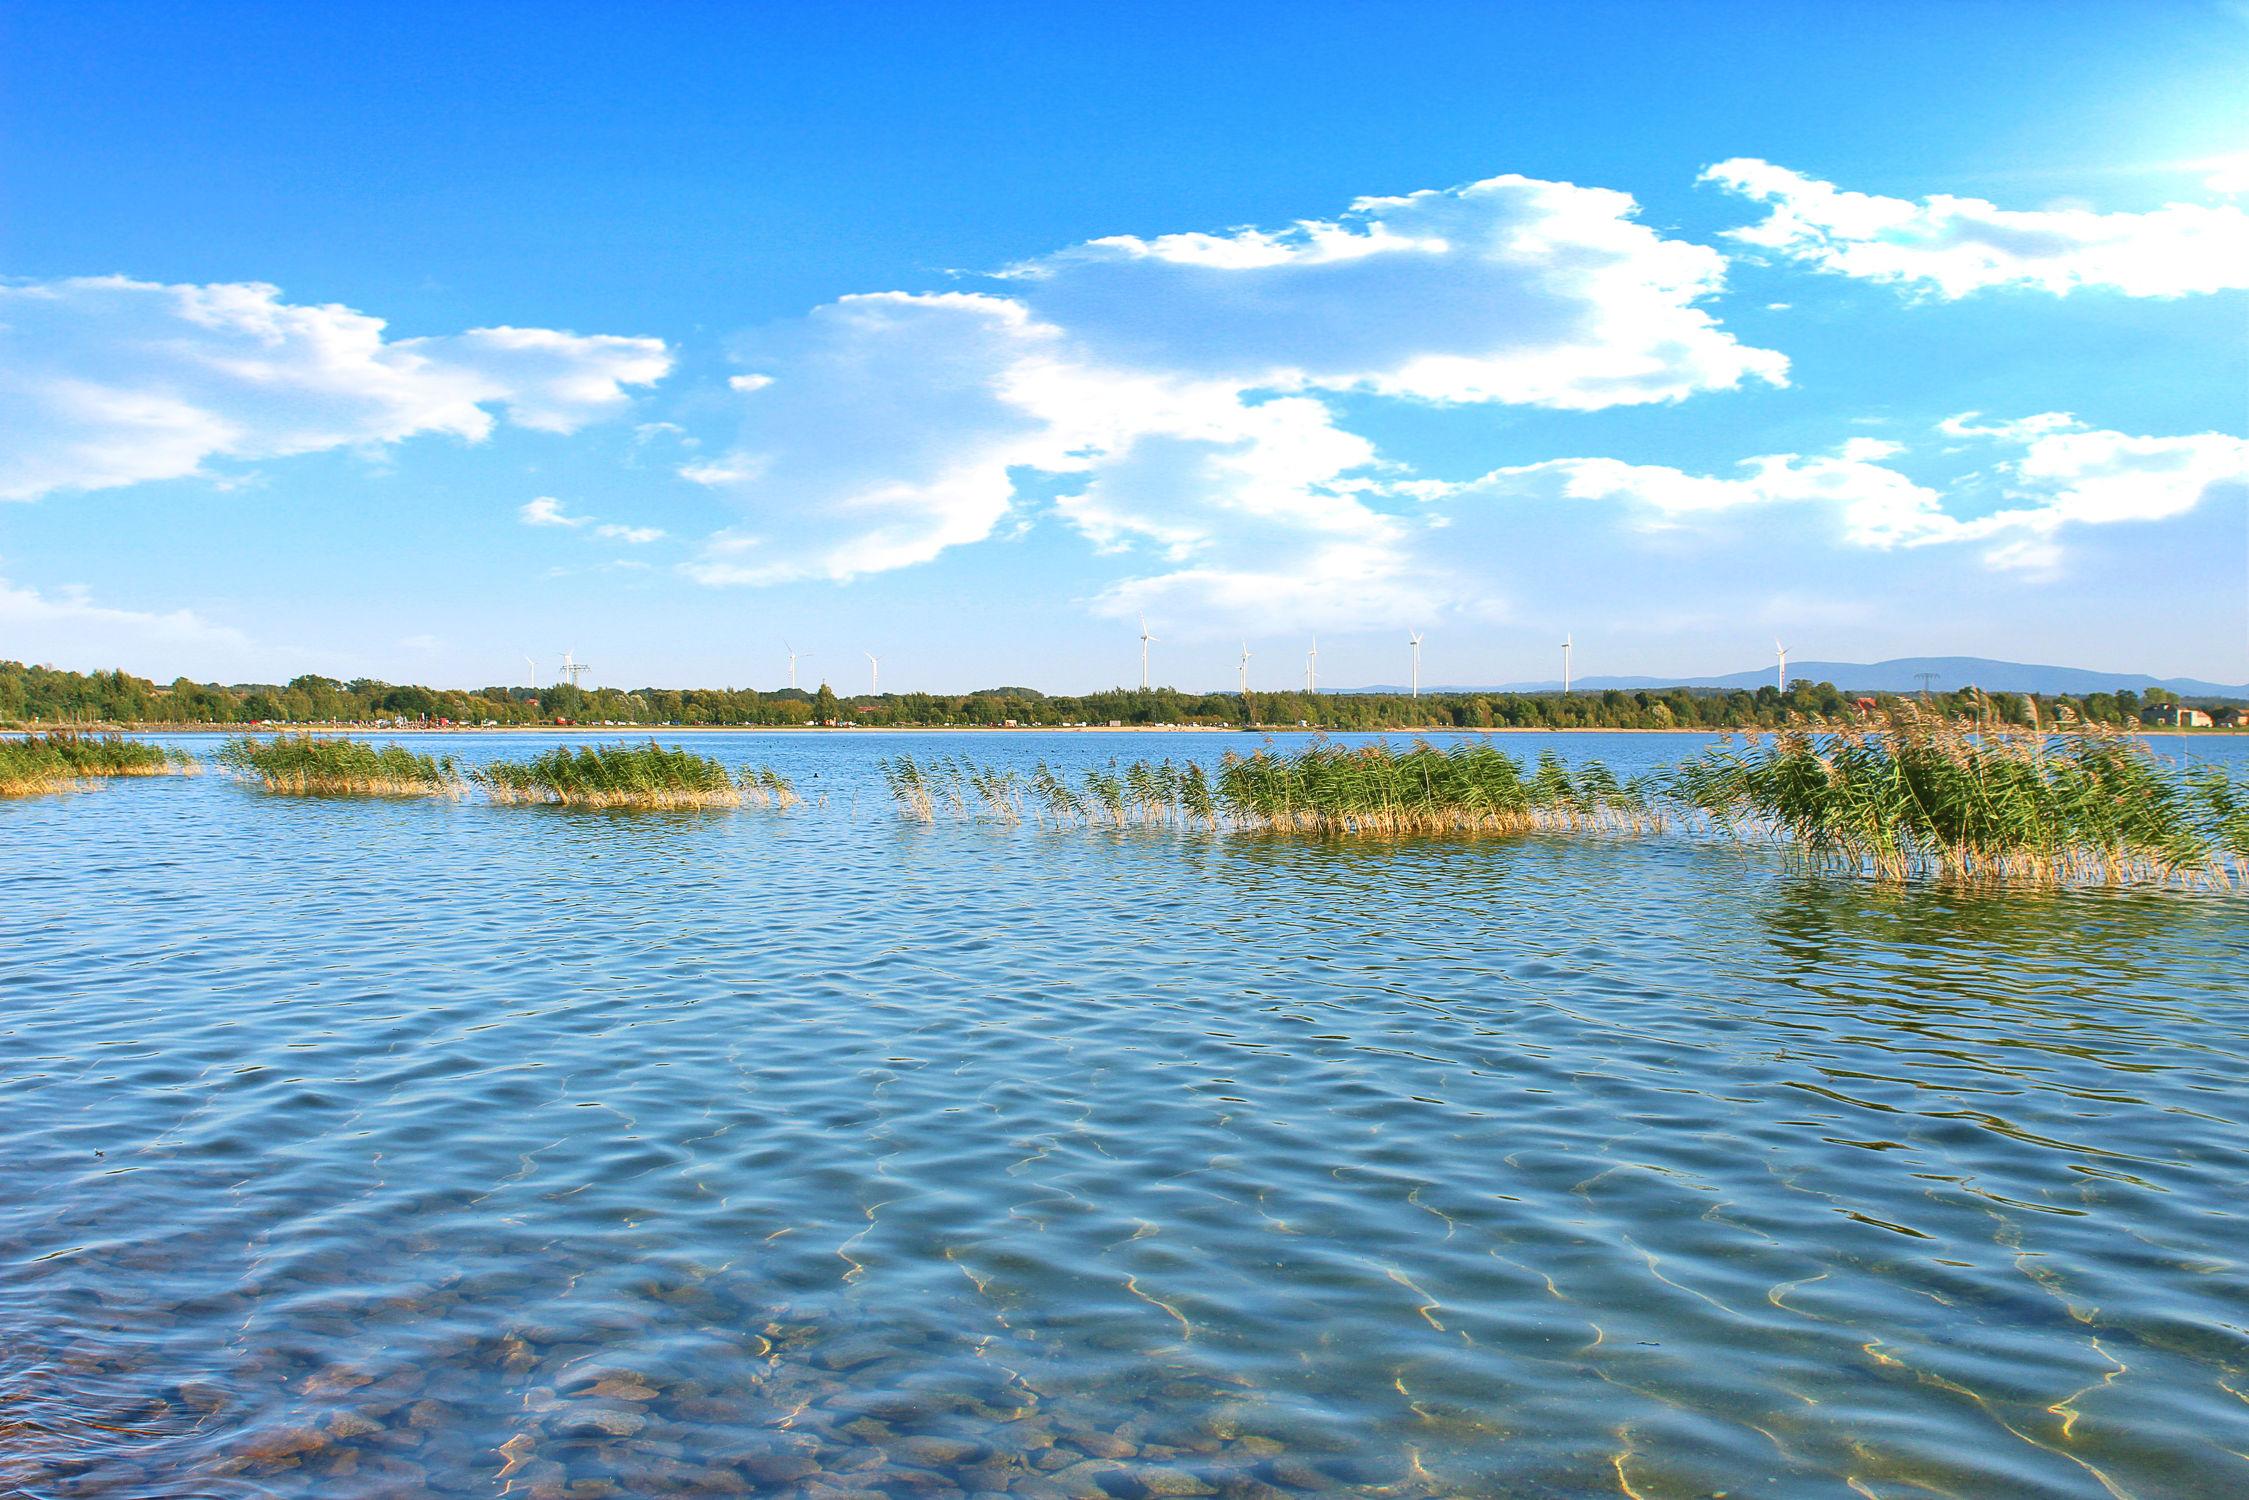 Bild mit Gewässer, Schilf, Wolkenhimmel, Landschaft, Seeblick, Schilfgras, See, Berzdorfer See, landscape, Blick über den See